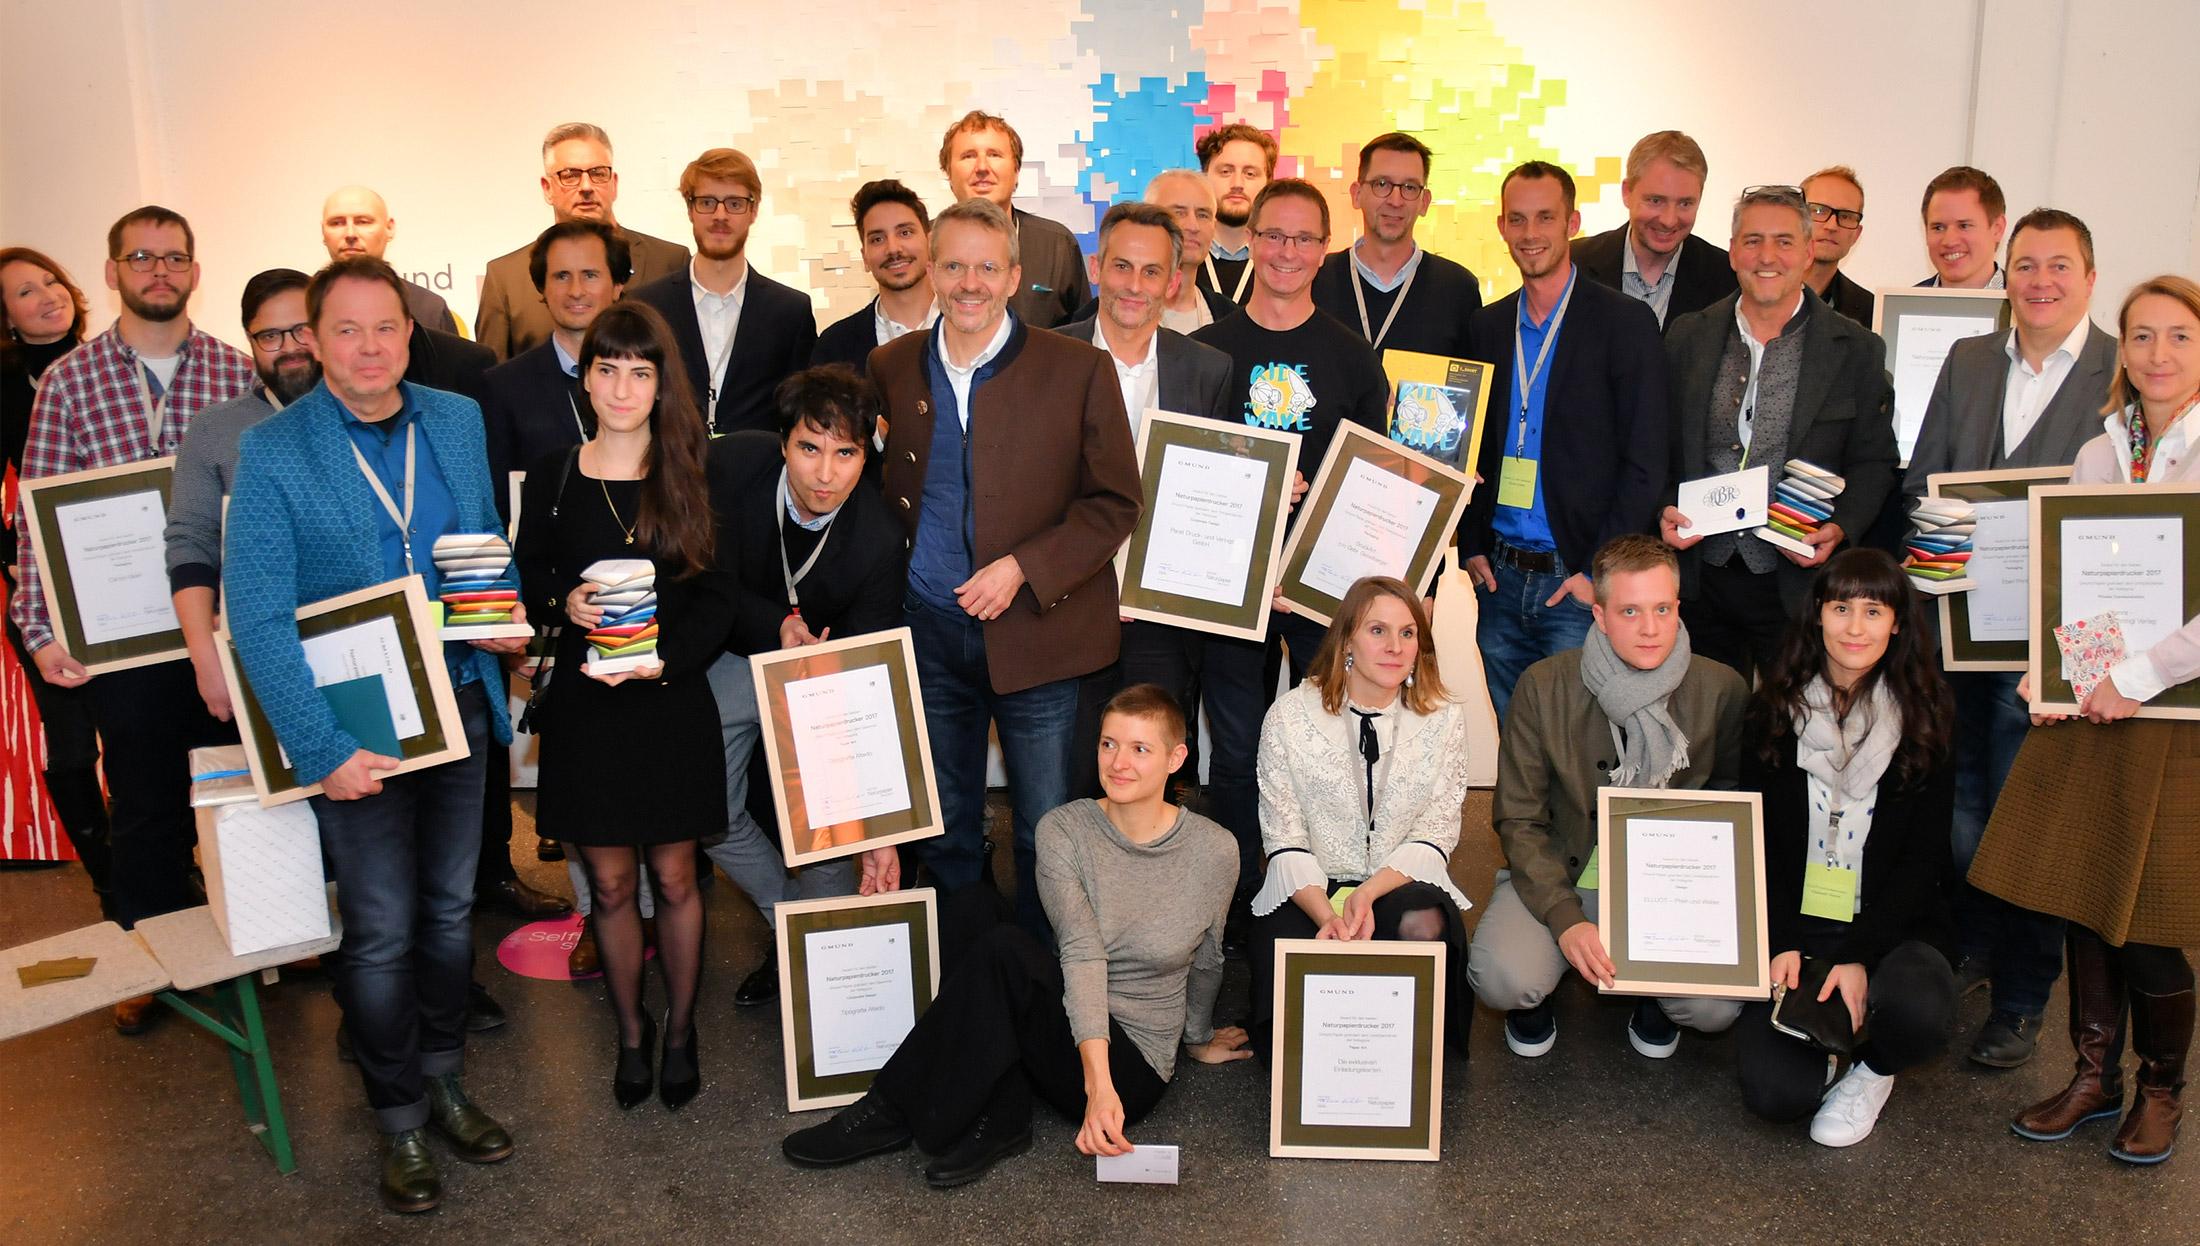 2. Platz für ELLIJOT beim Gmund Naturpapier Award 2017